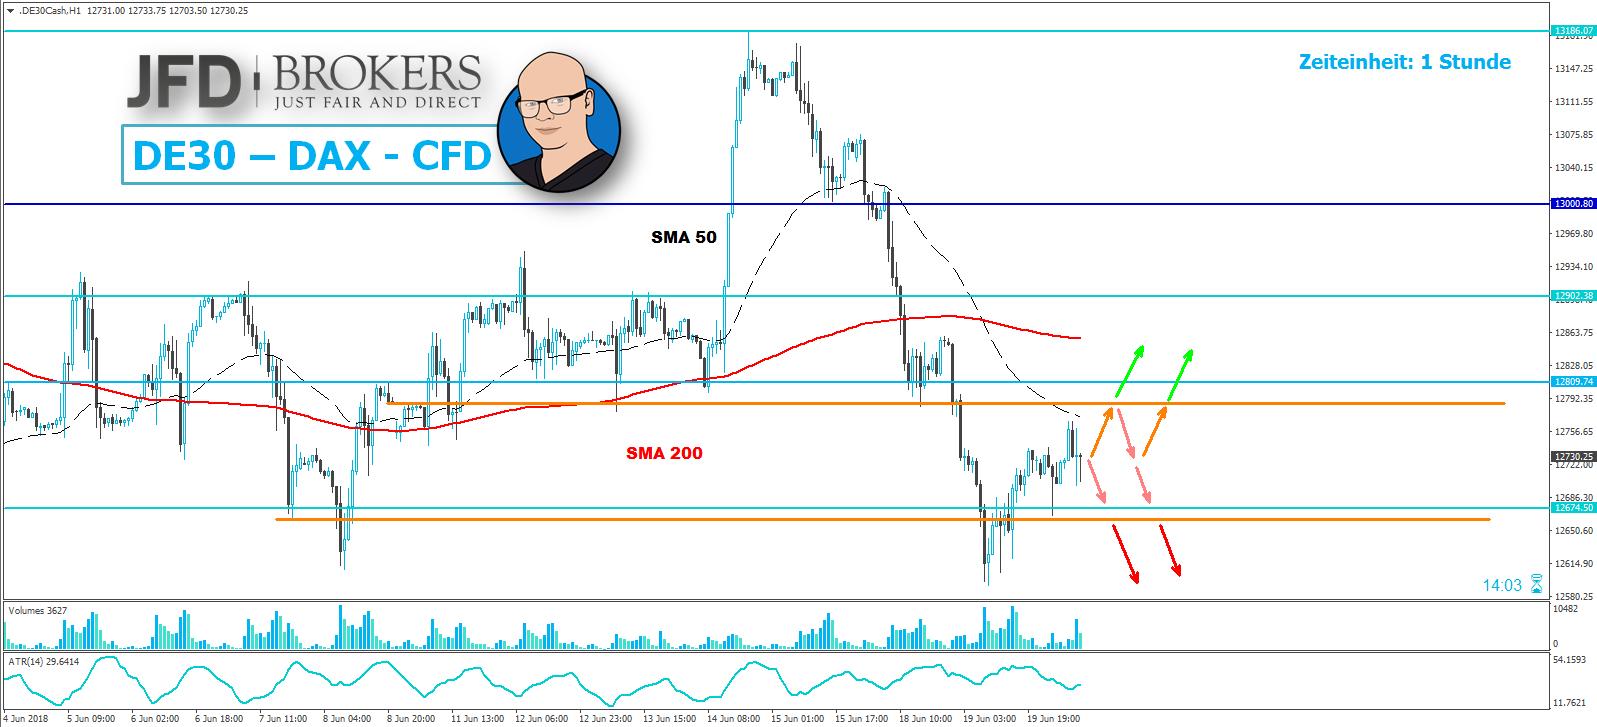 Der-DAX-steht-nach-leichter-Erholung-aktuell-auf-der-Stelle-Kommentar-JFD-Brokers-GodmodeTrader.de-1